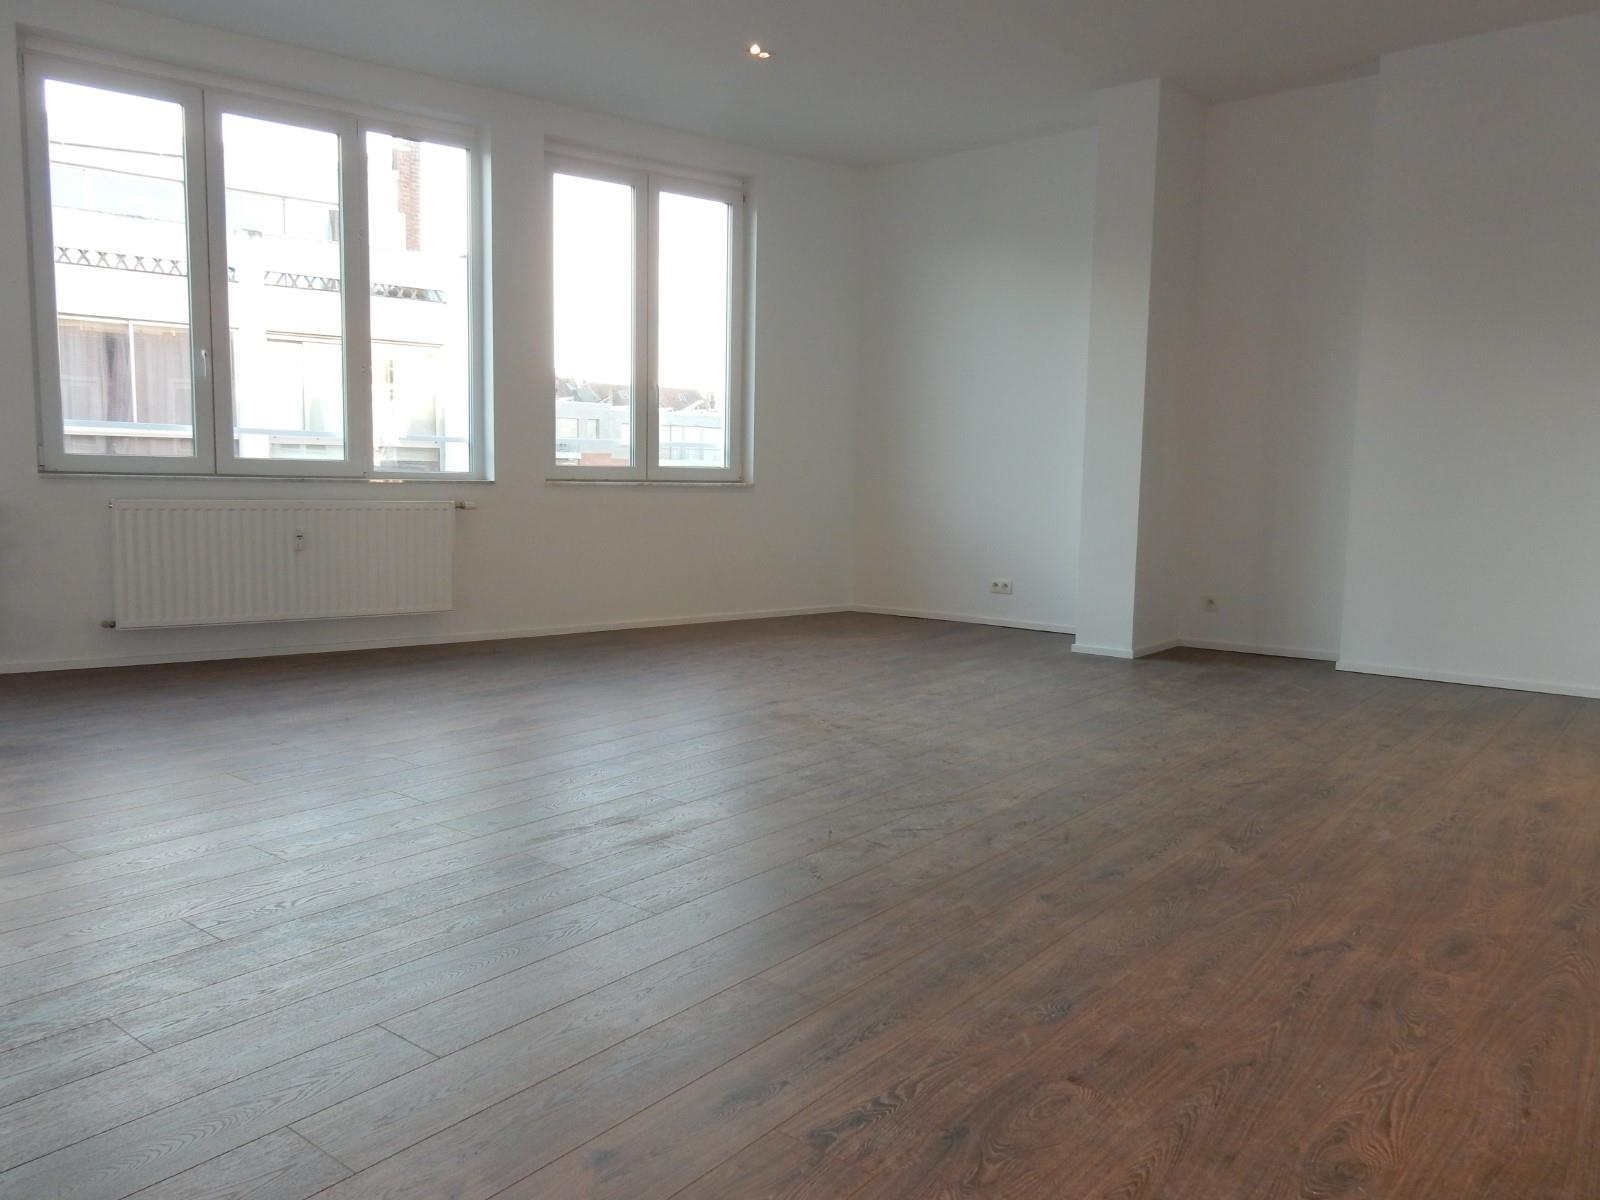 Flat - Ixelles - #2991900-1